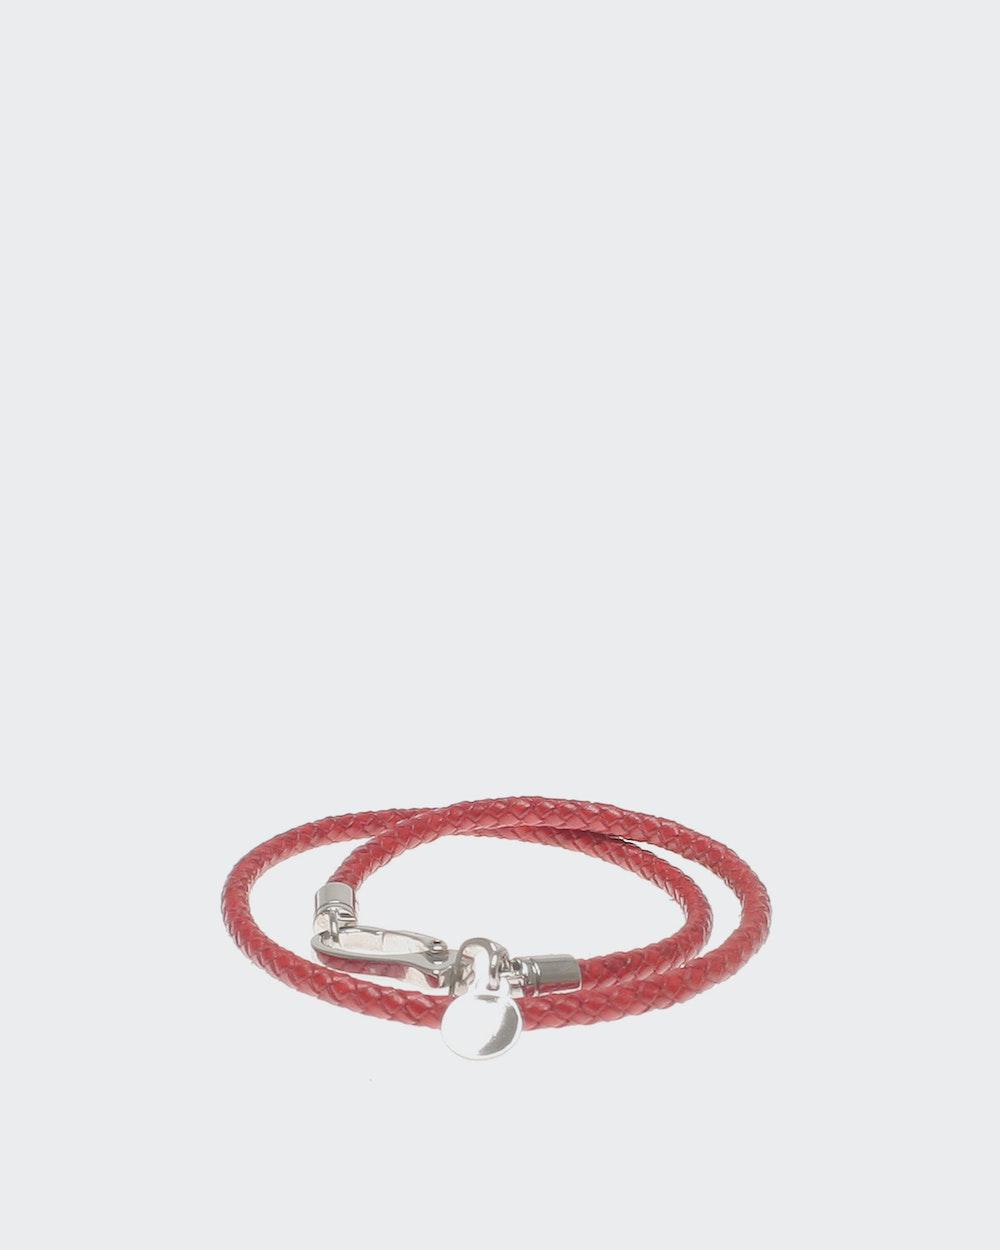 Bracelet Red Saddler